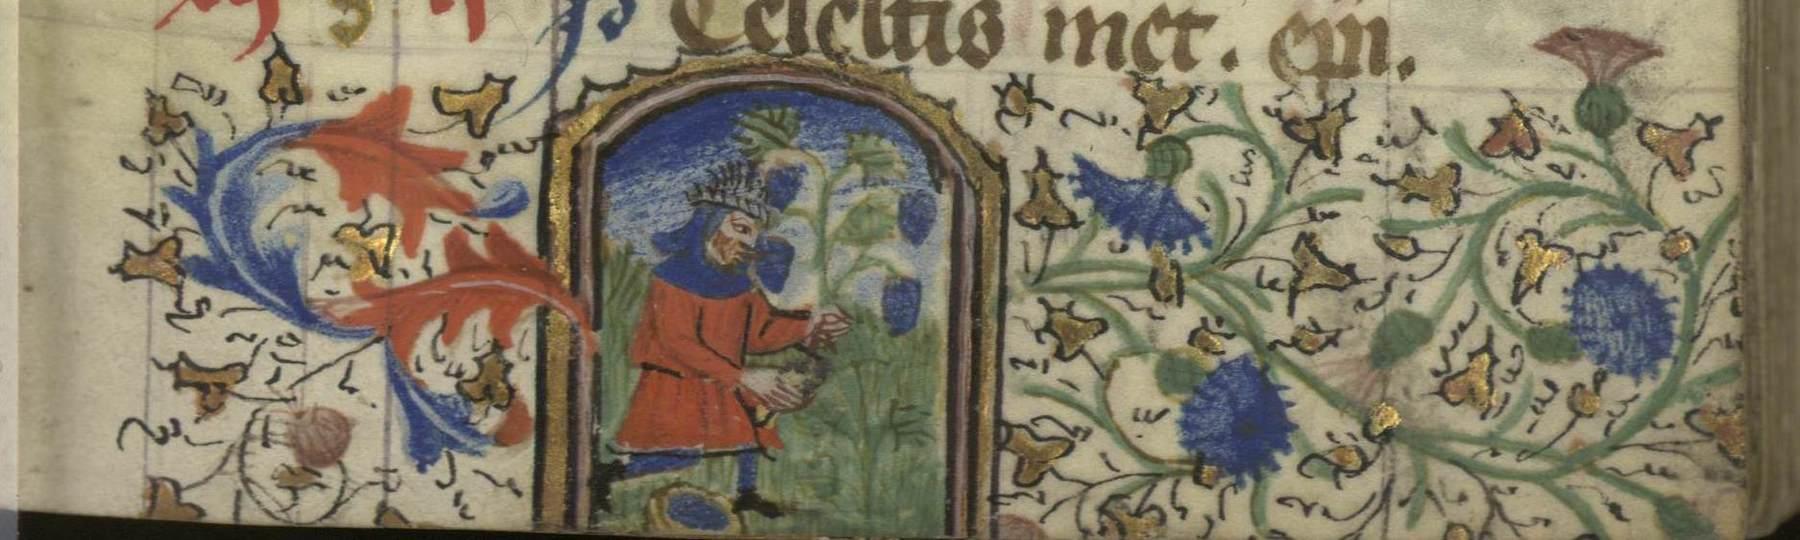 Contenu du Enluminure illustrant le travail de la vigne